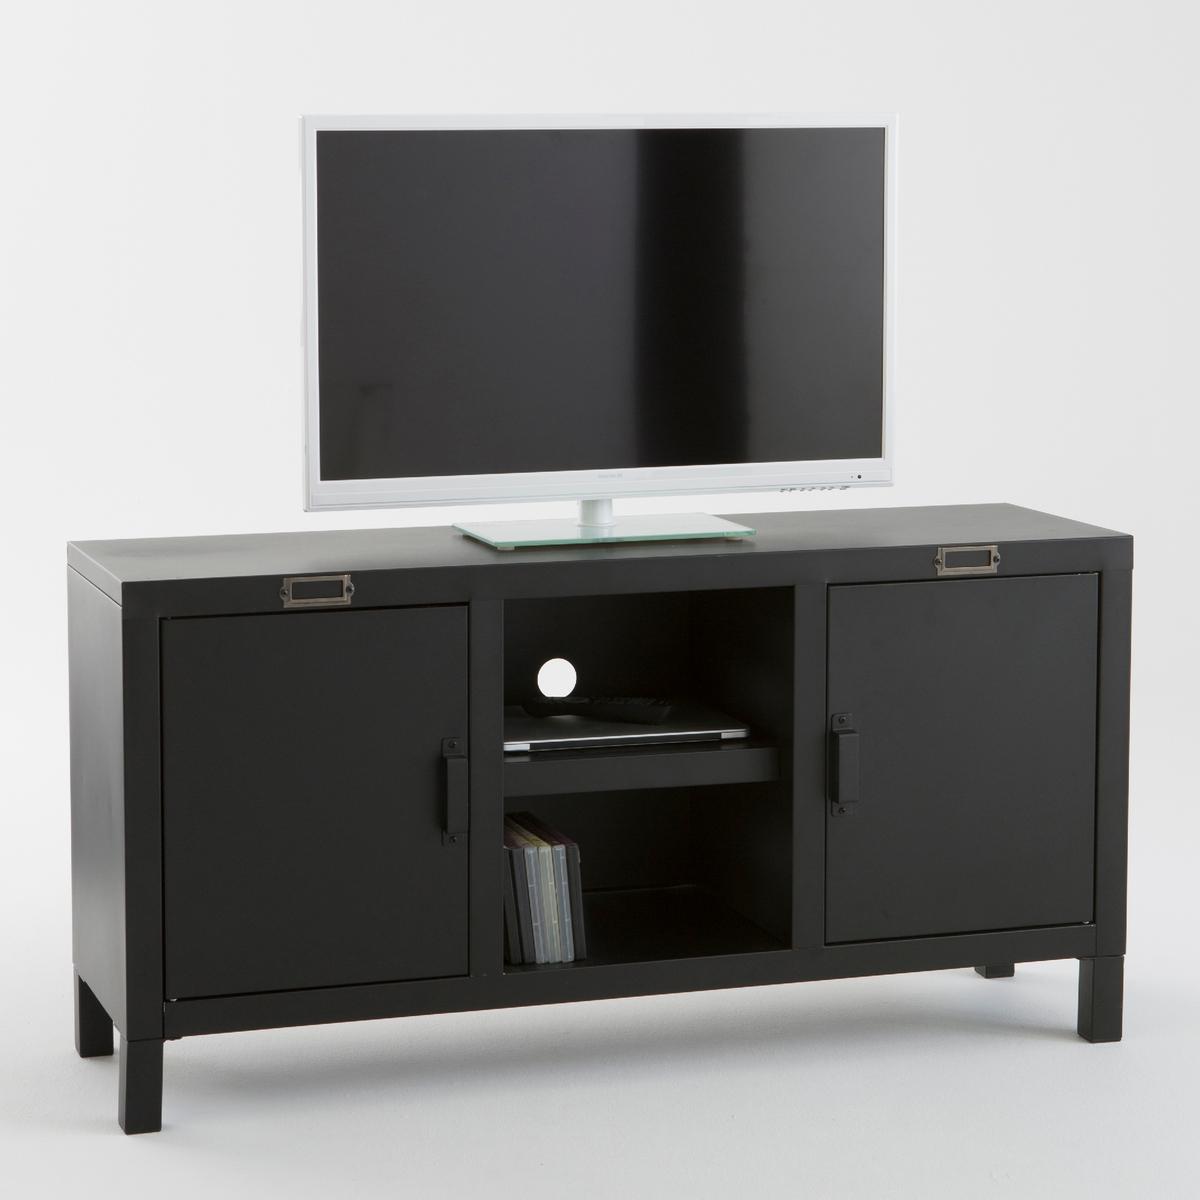 Тумба для ТВ, HibaОригинальная  тумба для TV Hiba из стали..Описание мебели Hiba :2 дверки с отделением для журналов2 ниши,2 отверстия для кабеля,1 съемная столешница за каждой дверкой.Характеристики мебели Hiba :Сталь с эпоксидным матовым покрытием,Экран до 50 дюймов (127 см)Макимальный. выдерживаемый вес: 40 кг Откройте для себя всю коллекцию  Hiba на сайте laredoute.ru.Размеры мебели Hiba:Общие :Ширина : 120 см.Высота : 60 смГлубина : 35 см.Центральные ниши:34,5 x 15 x 33 см Размеры упаковки :1 упаковка131 x 14 x 51 см22,65 кгДоставка :Мебель TV Hiba продается готовой к сборке. Доставка до квартиры!Внимание ! Убедитесь, что товар возможно доставить на дом, учитывая его габариты (проходит в двери, по лестницам, в лифты).<br><br>Цвет: черный